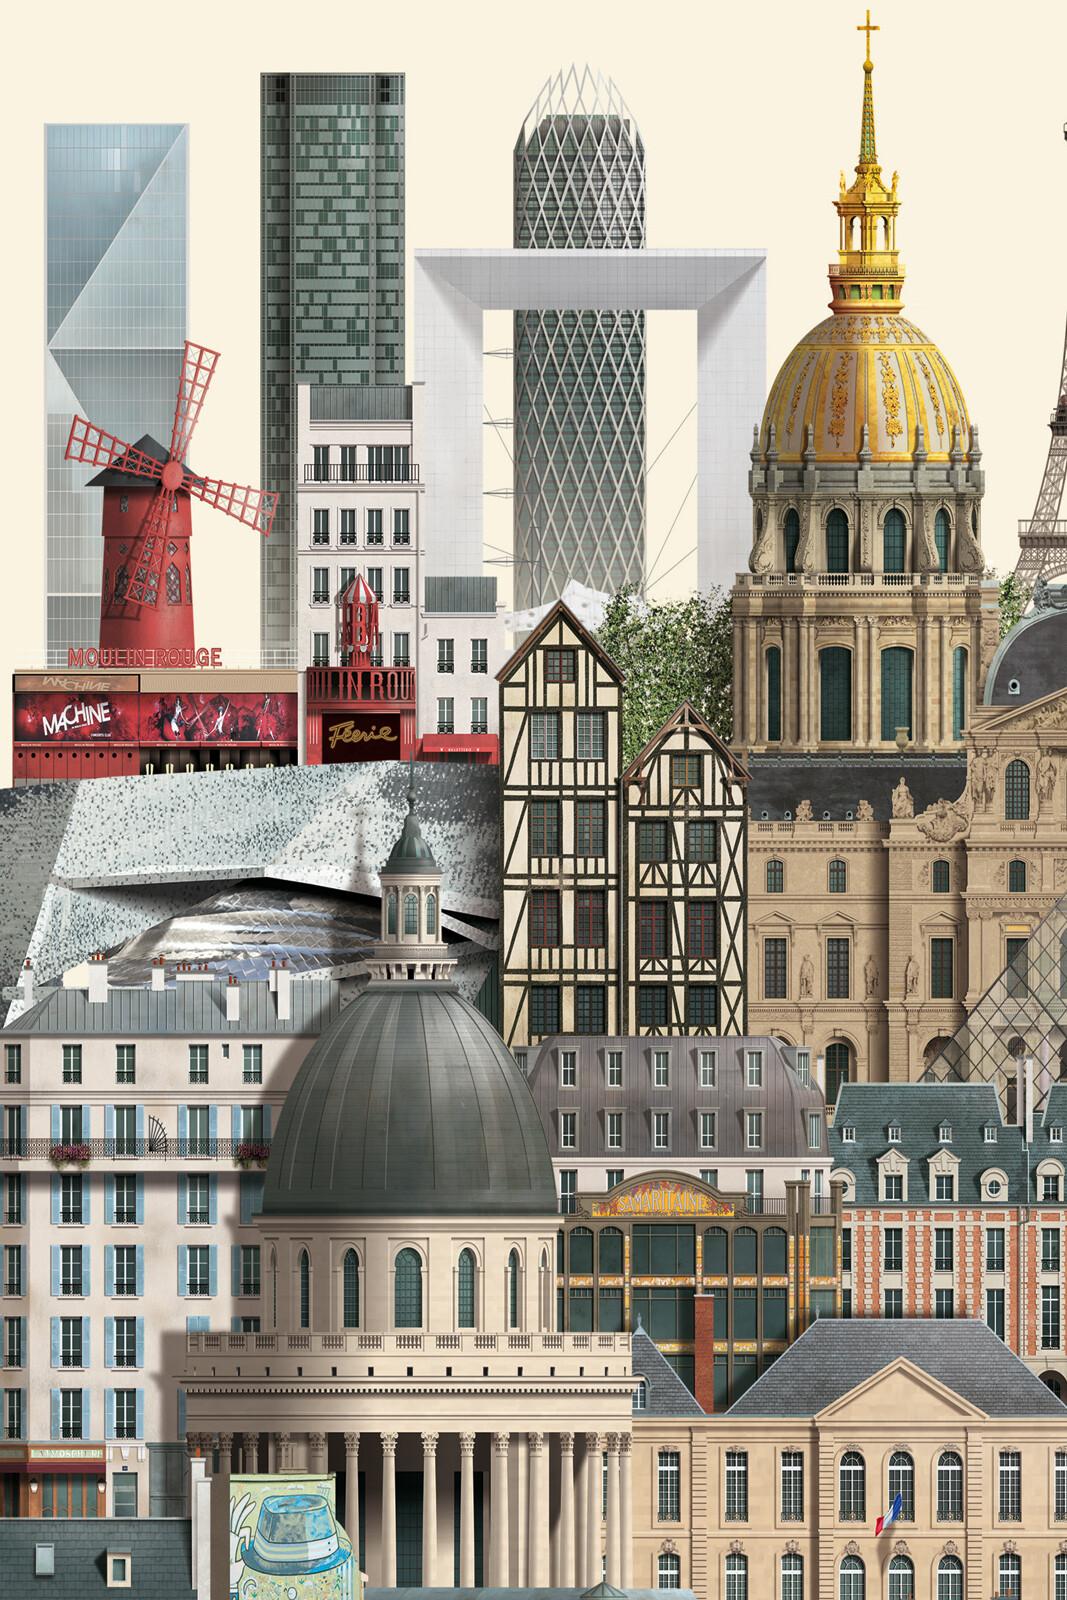 Paris - Martin Schwartz